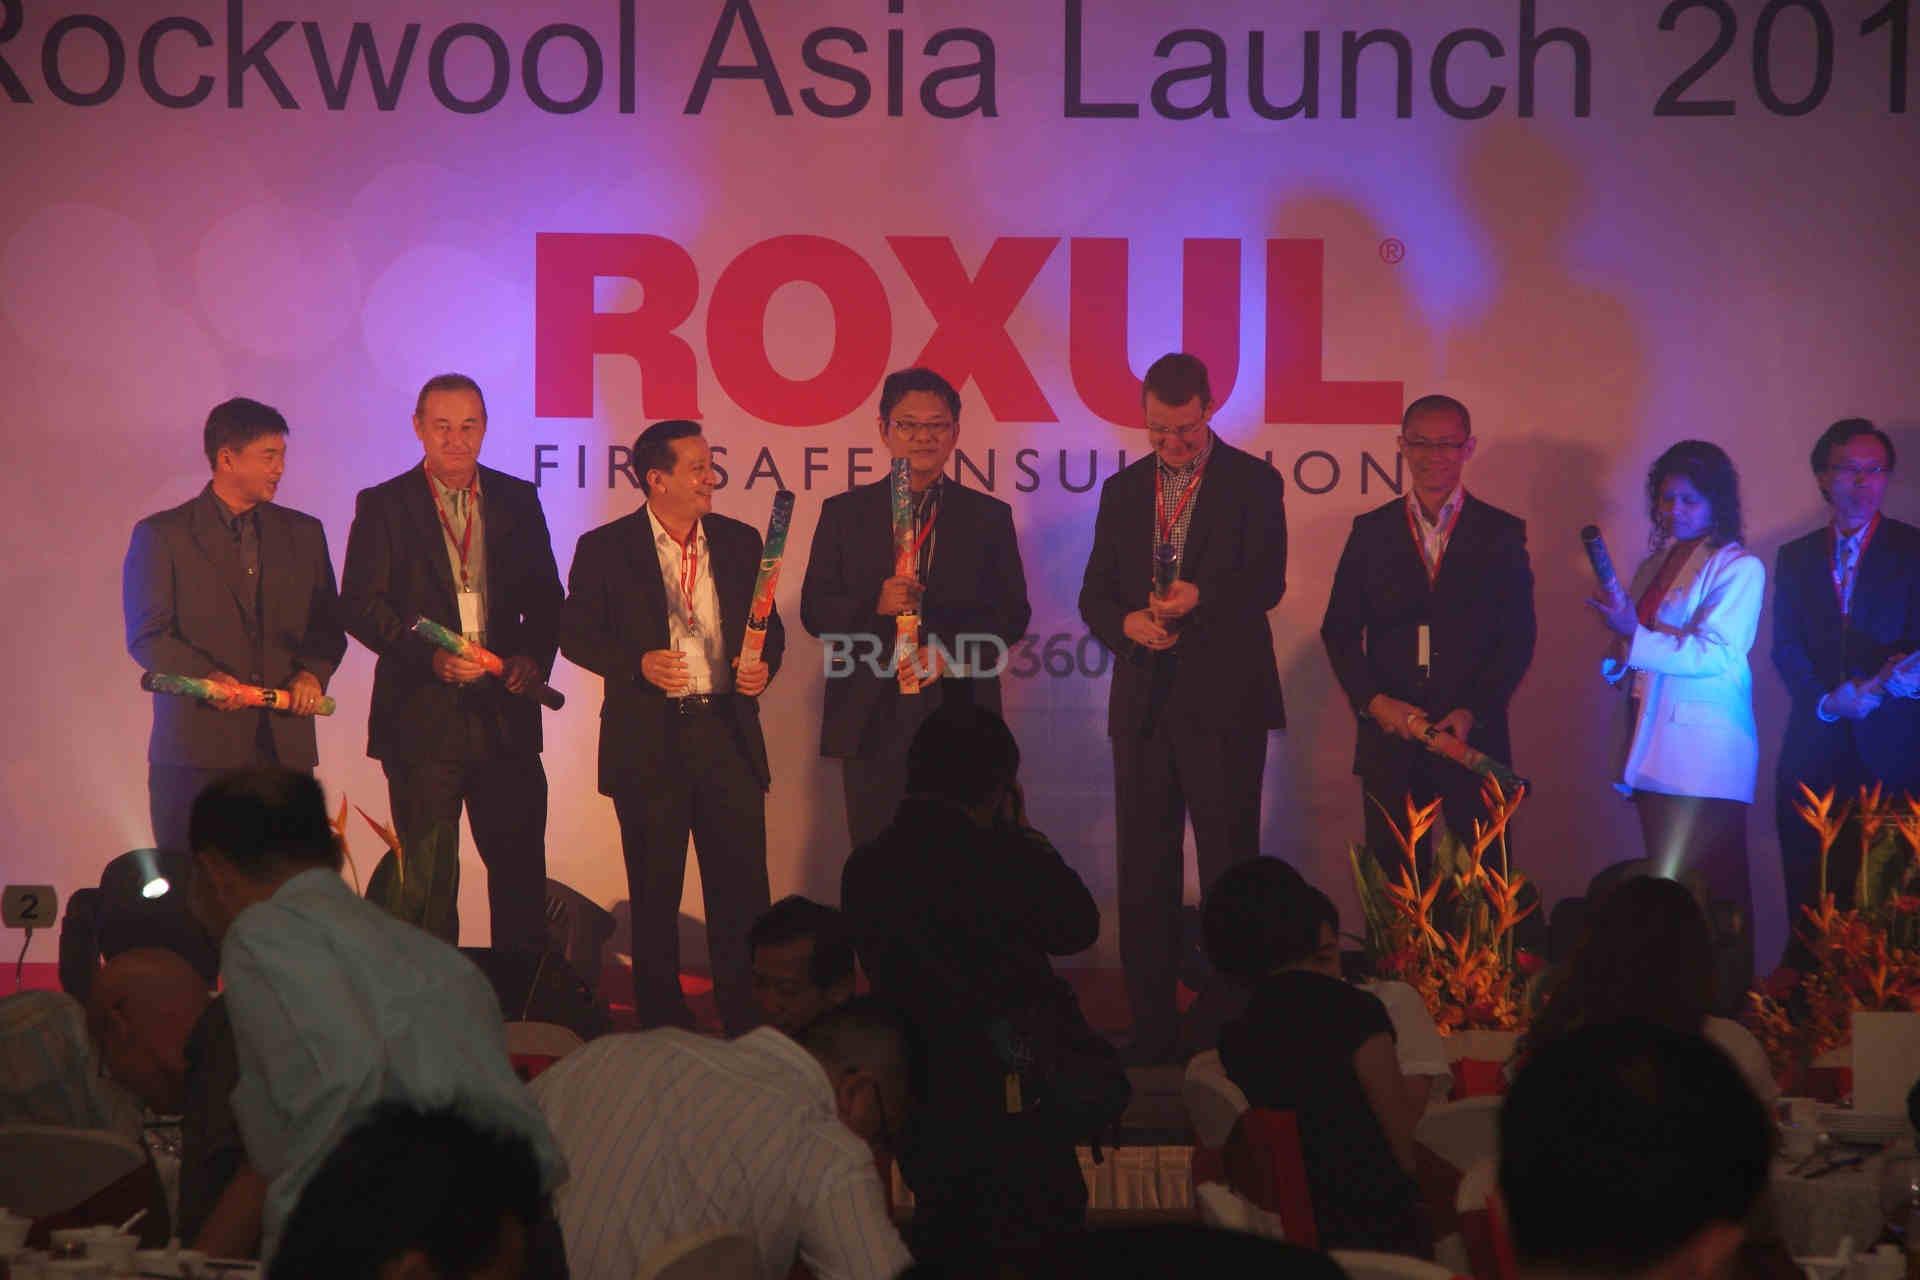 Rockwool Asia